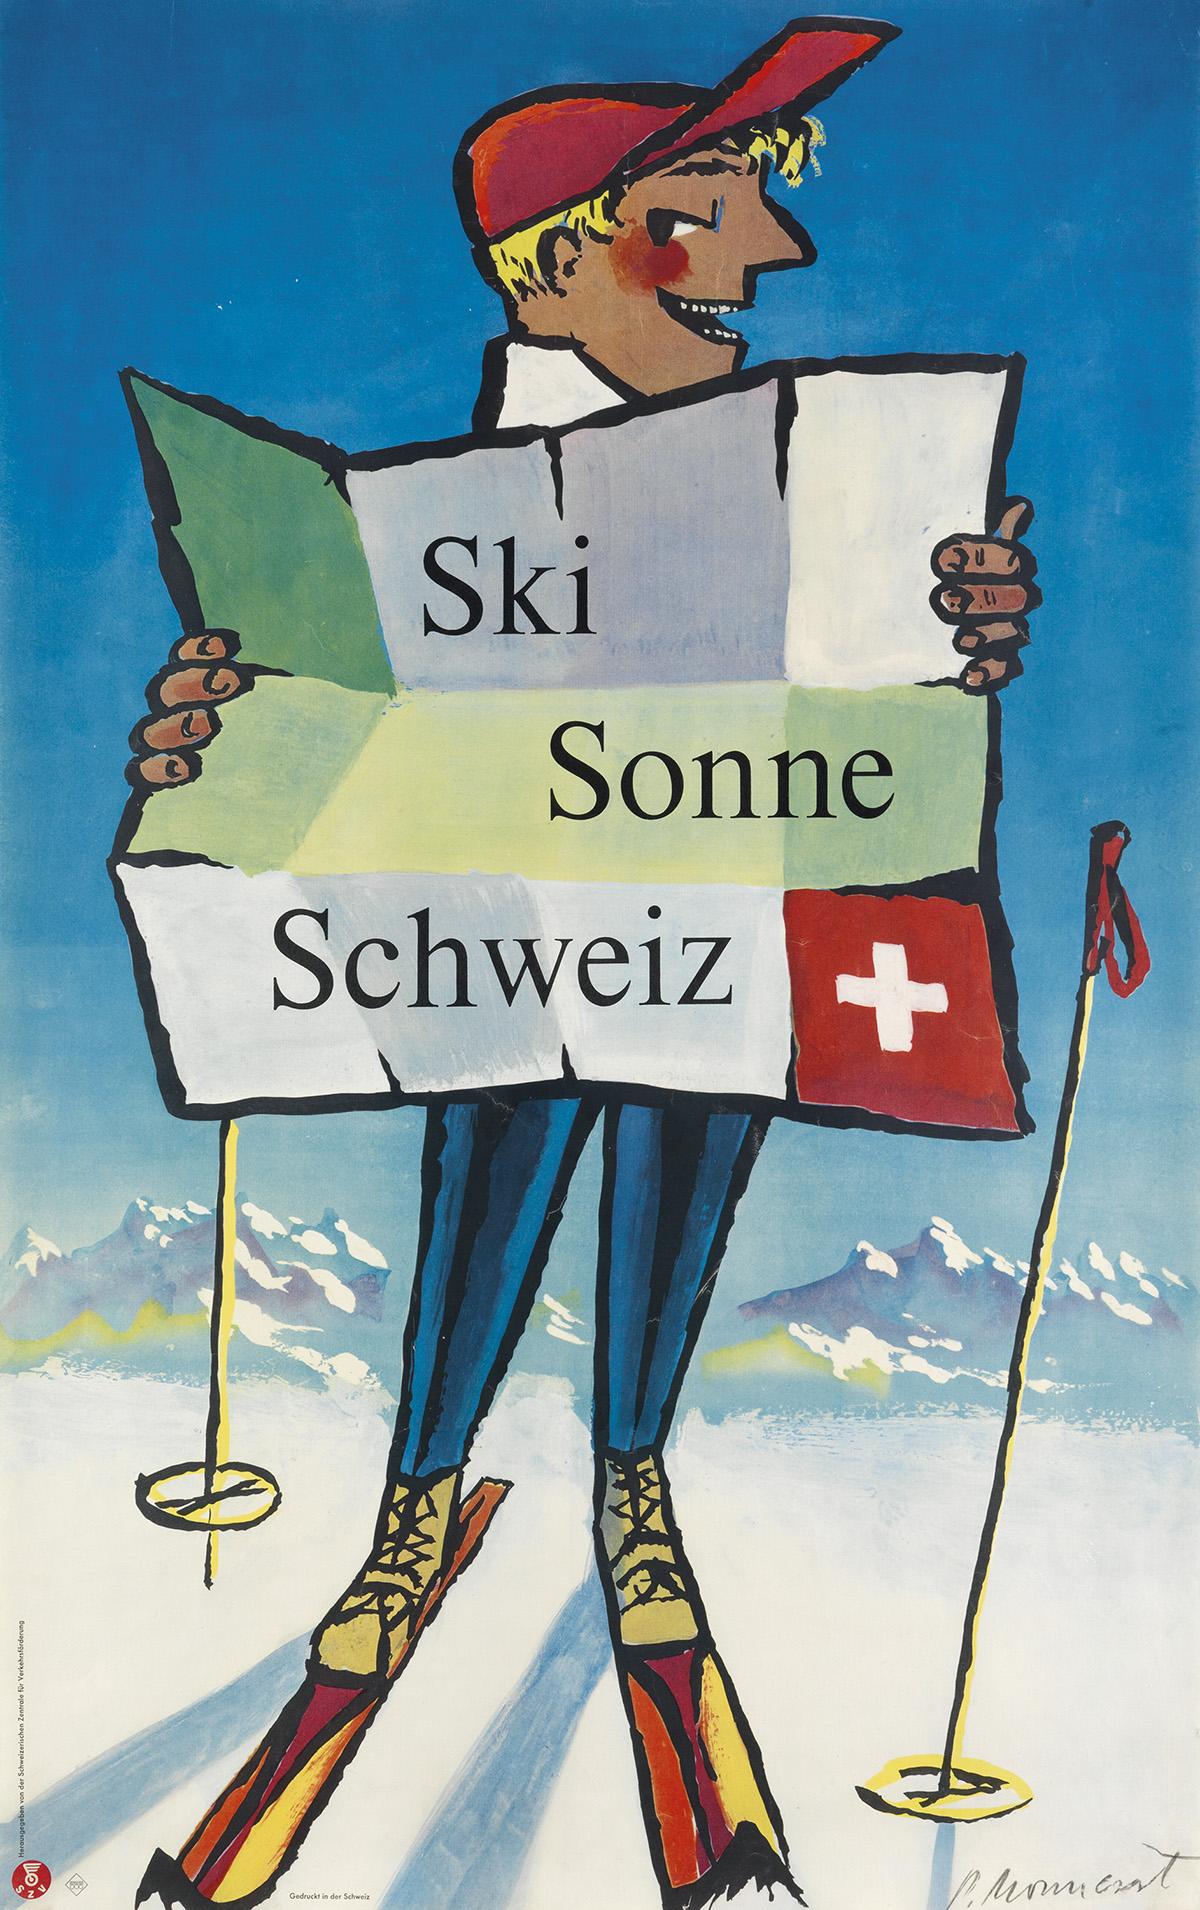 PIERRE-MONNERAT-(1917-)-SKI-SONNE-SCHWEIZ-1954-40x25-inches-